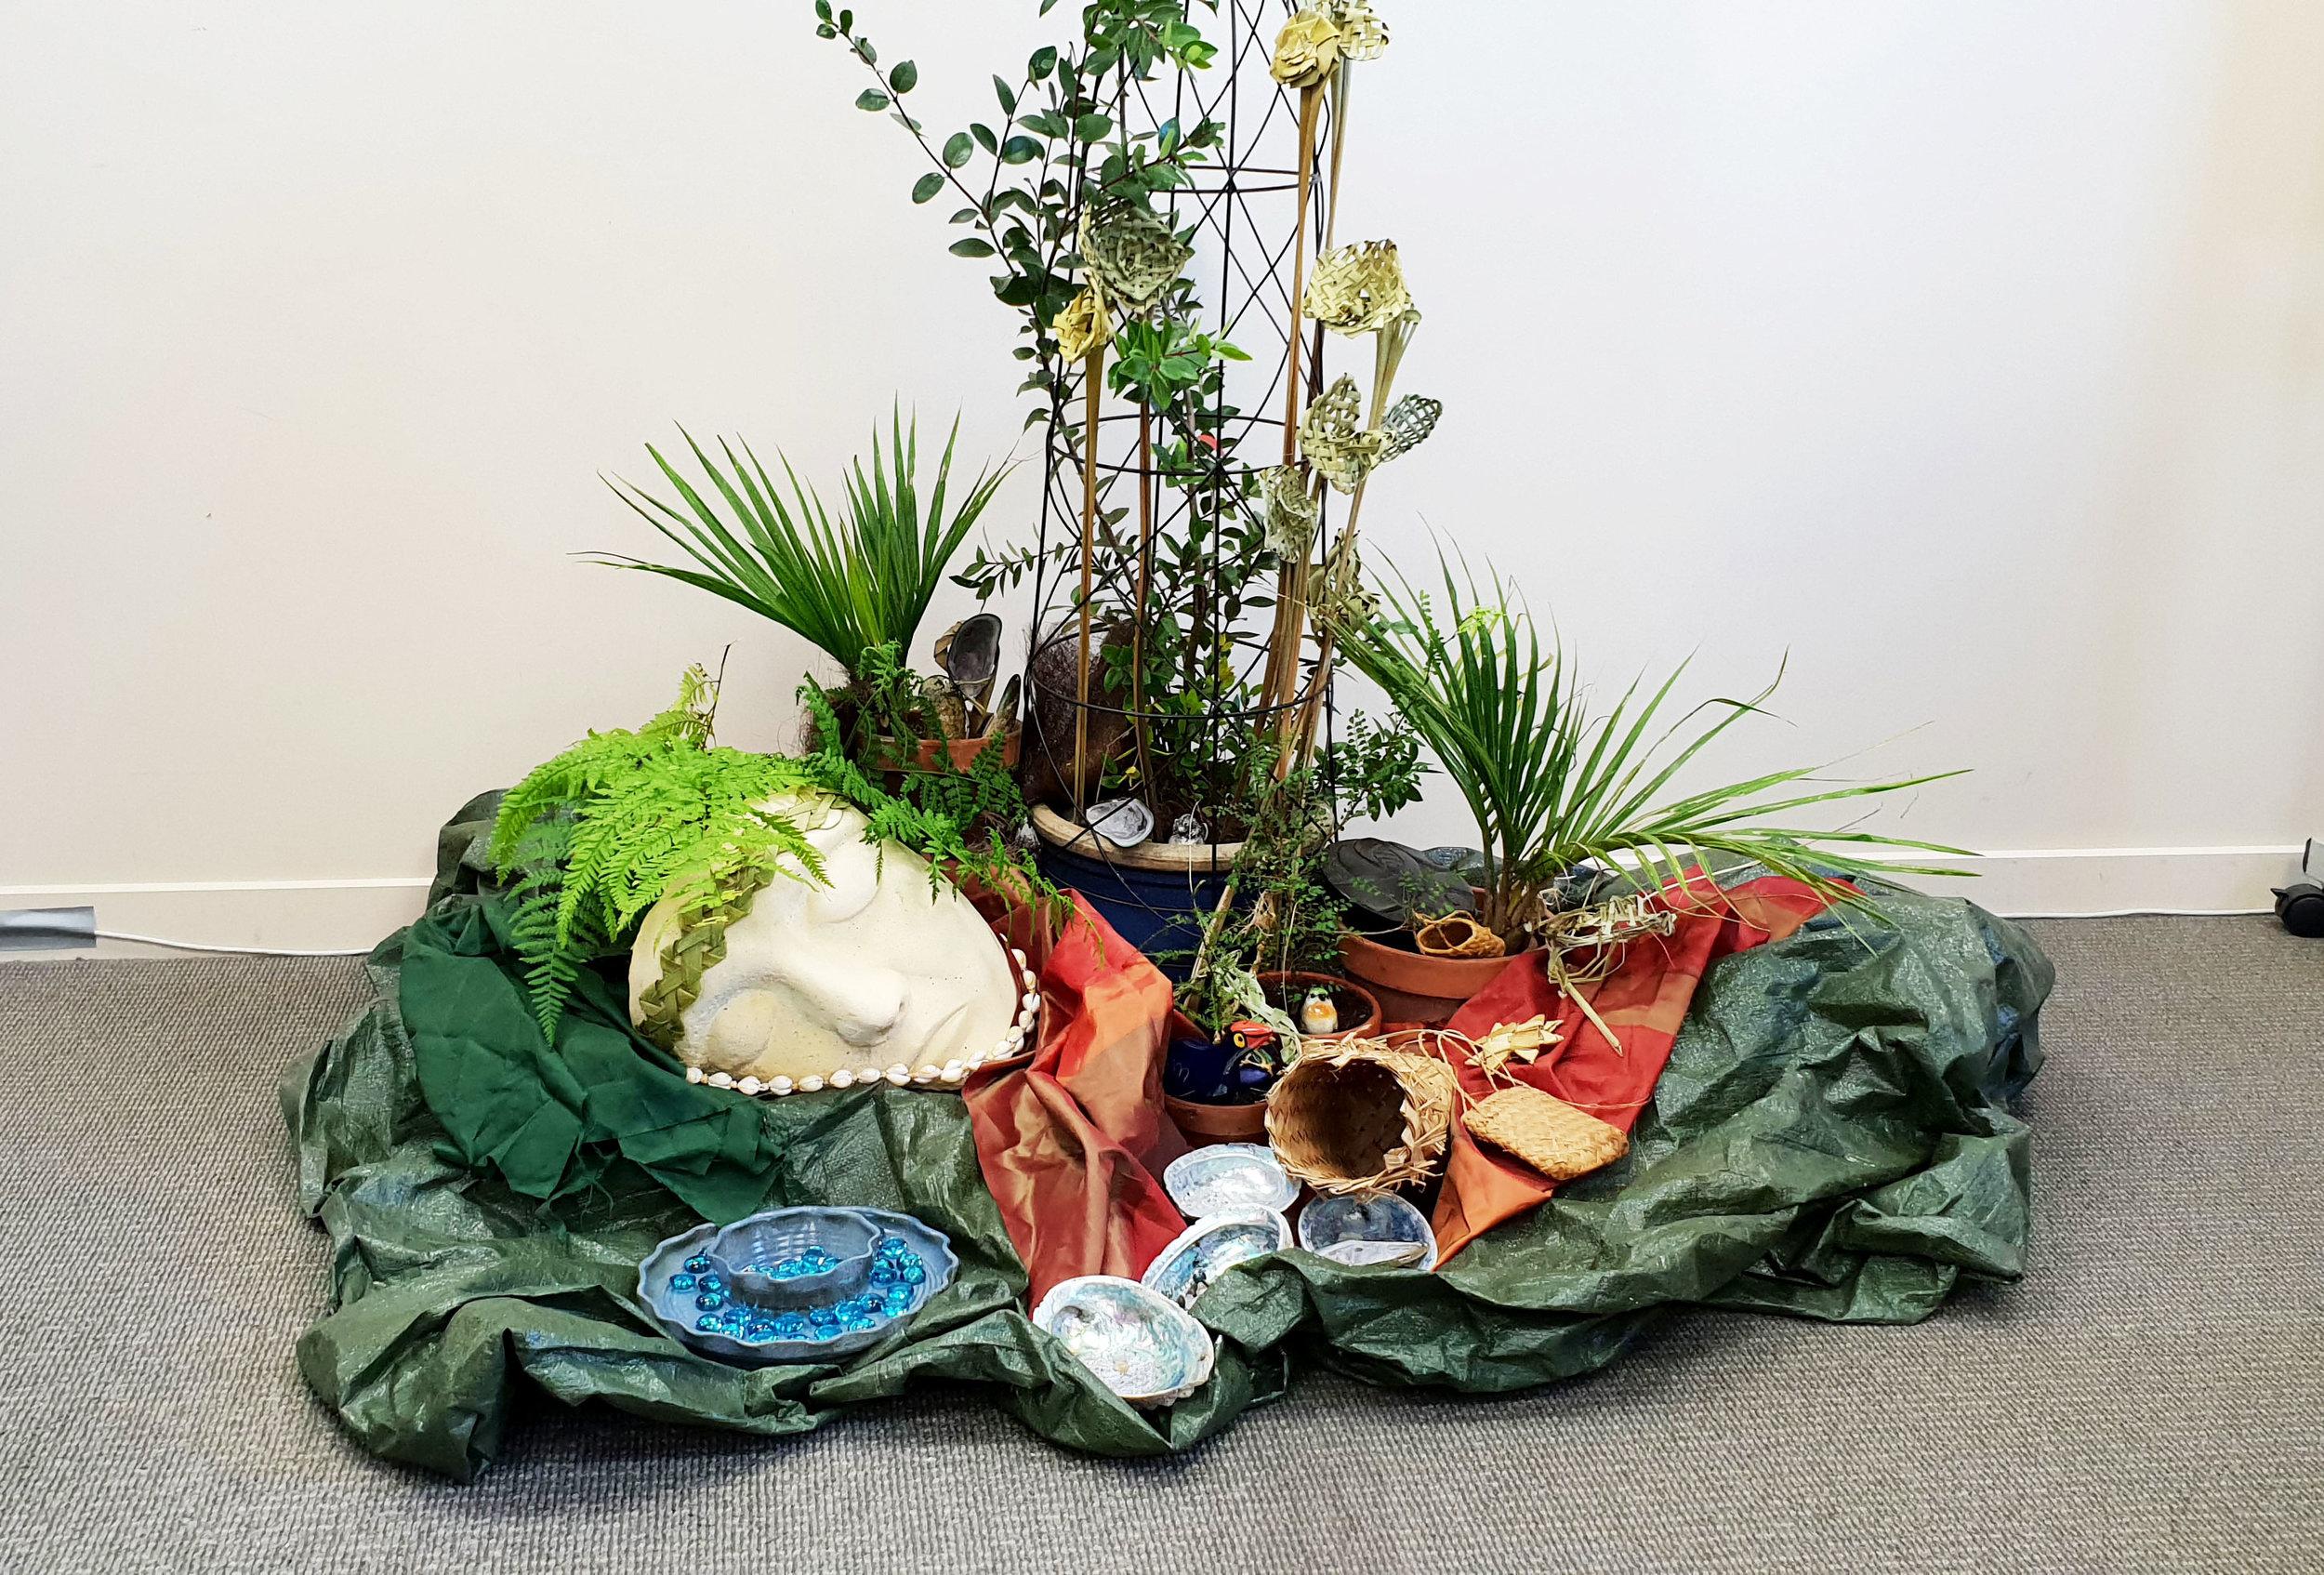 Whakatu, second in miniature garden